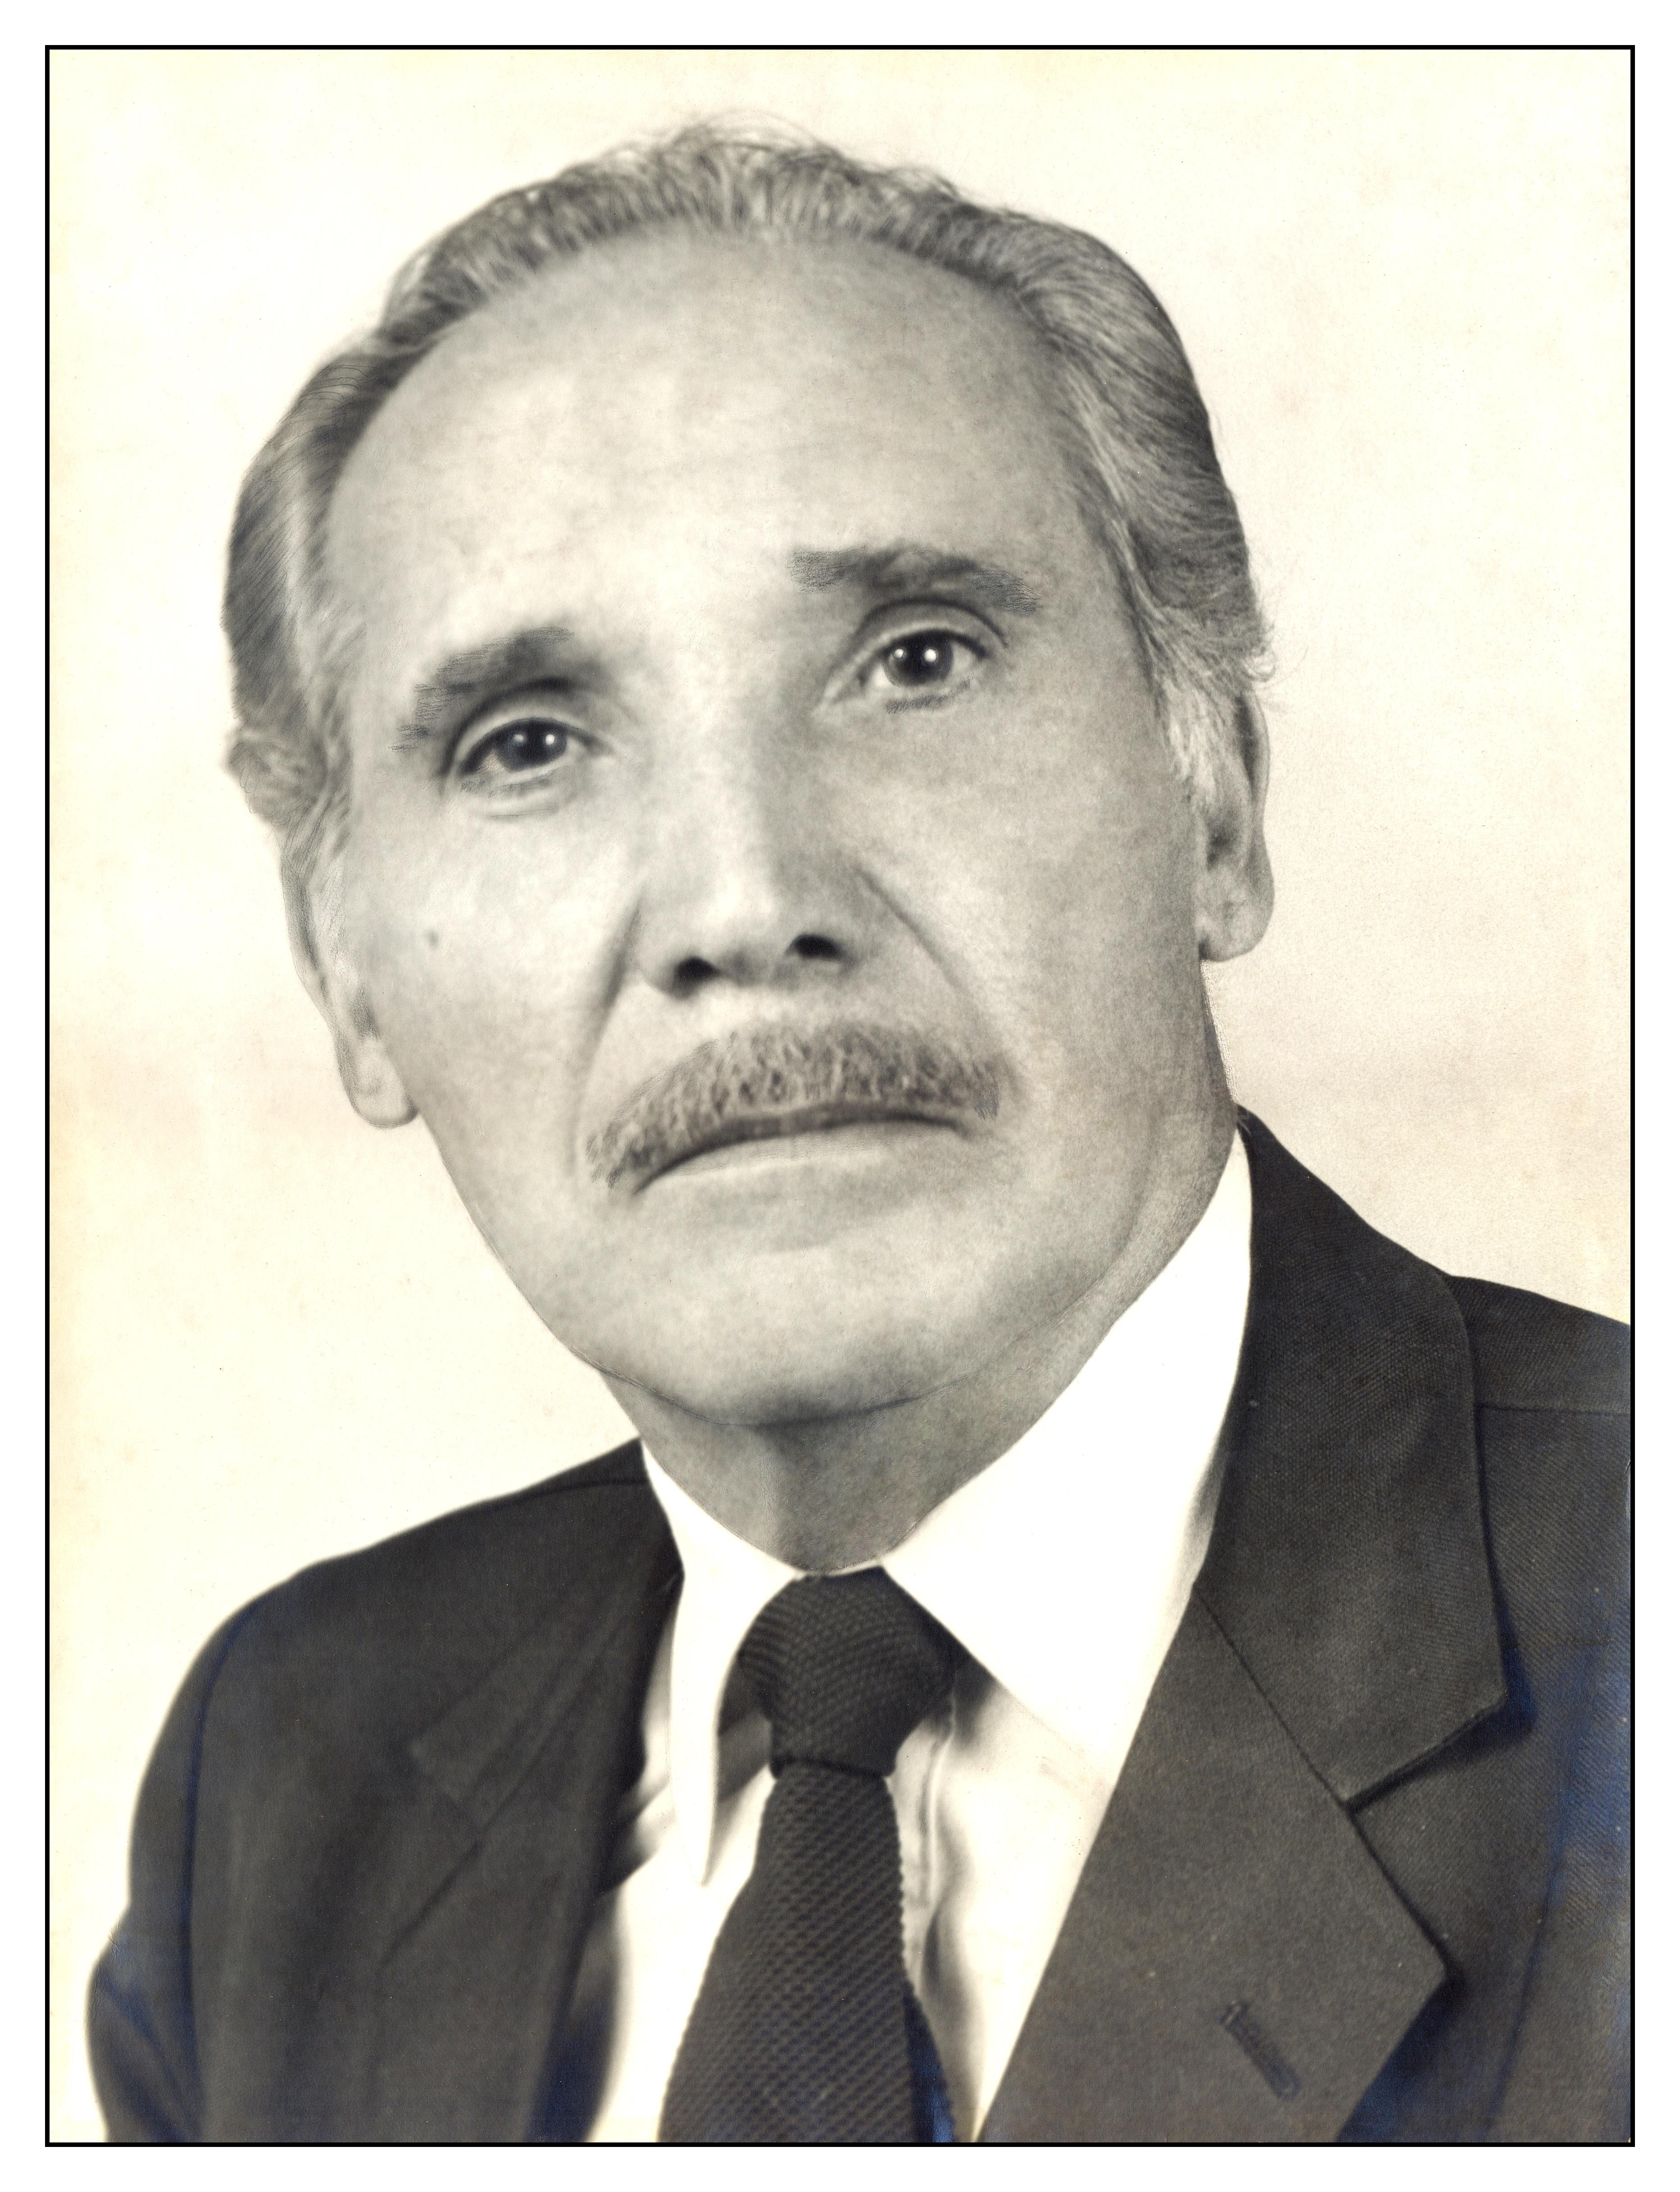 Fábio José Egypto da Silva